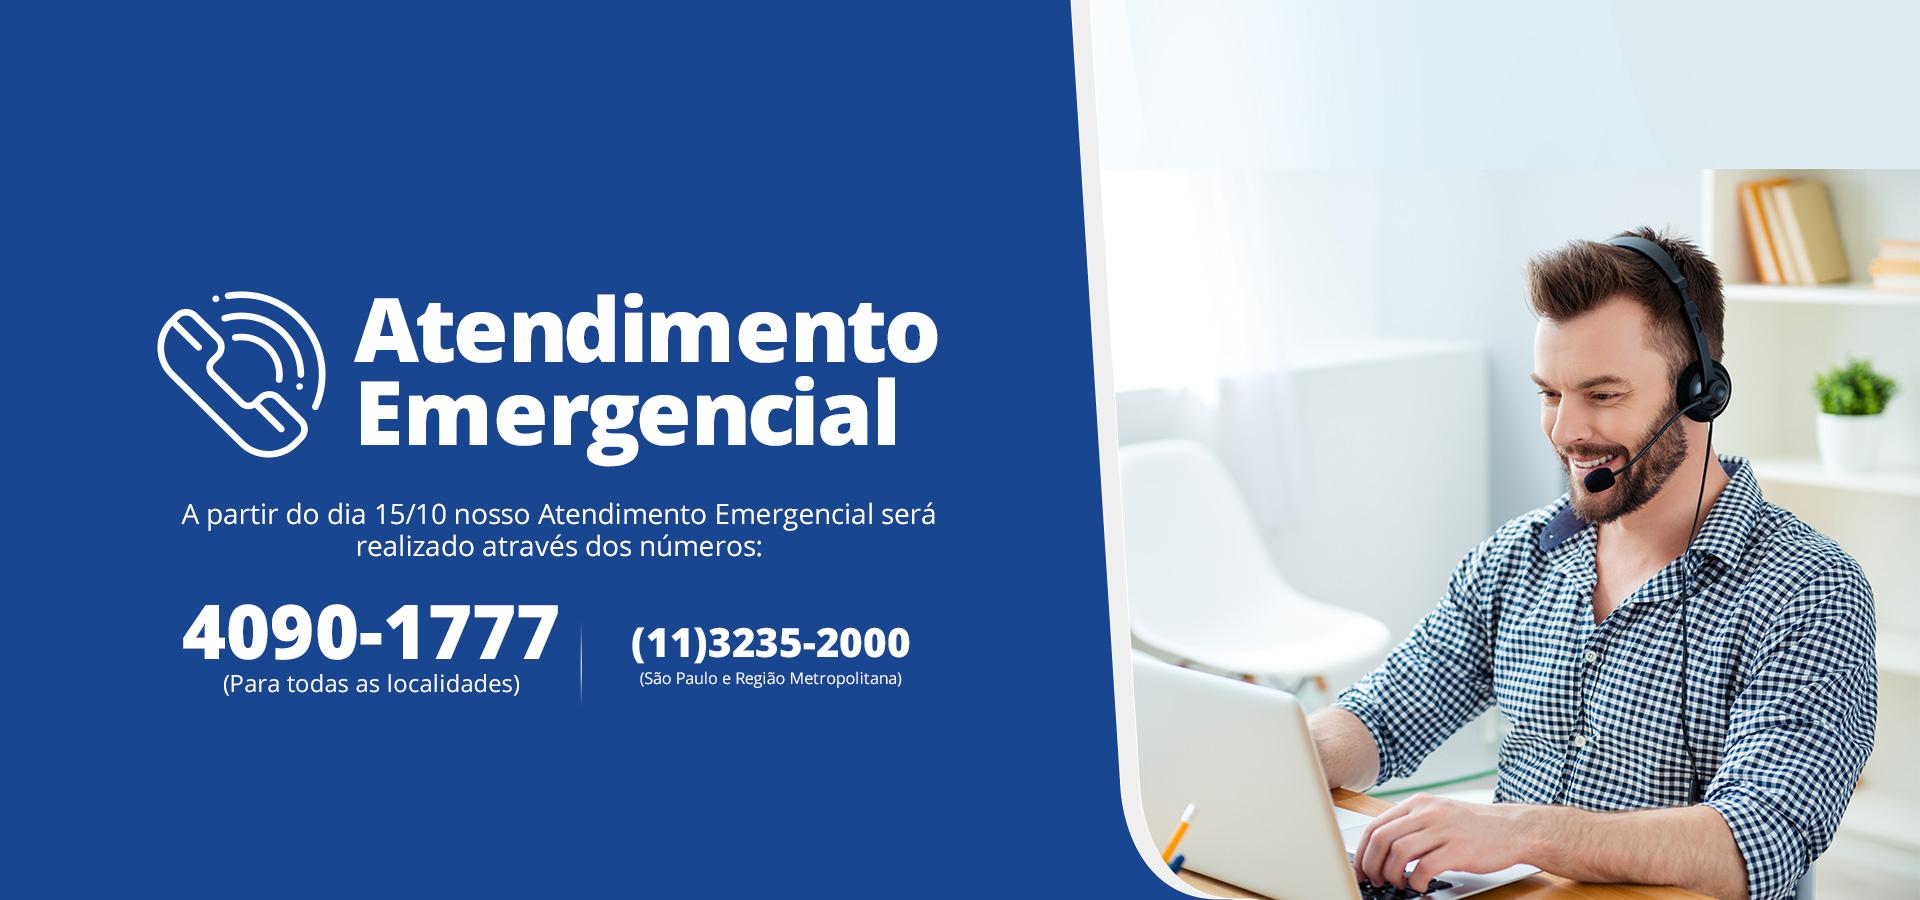 1013_vst_com_emergencial_banner